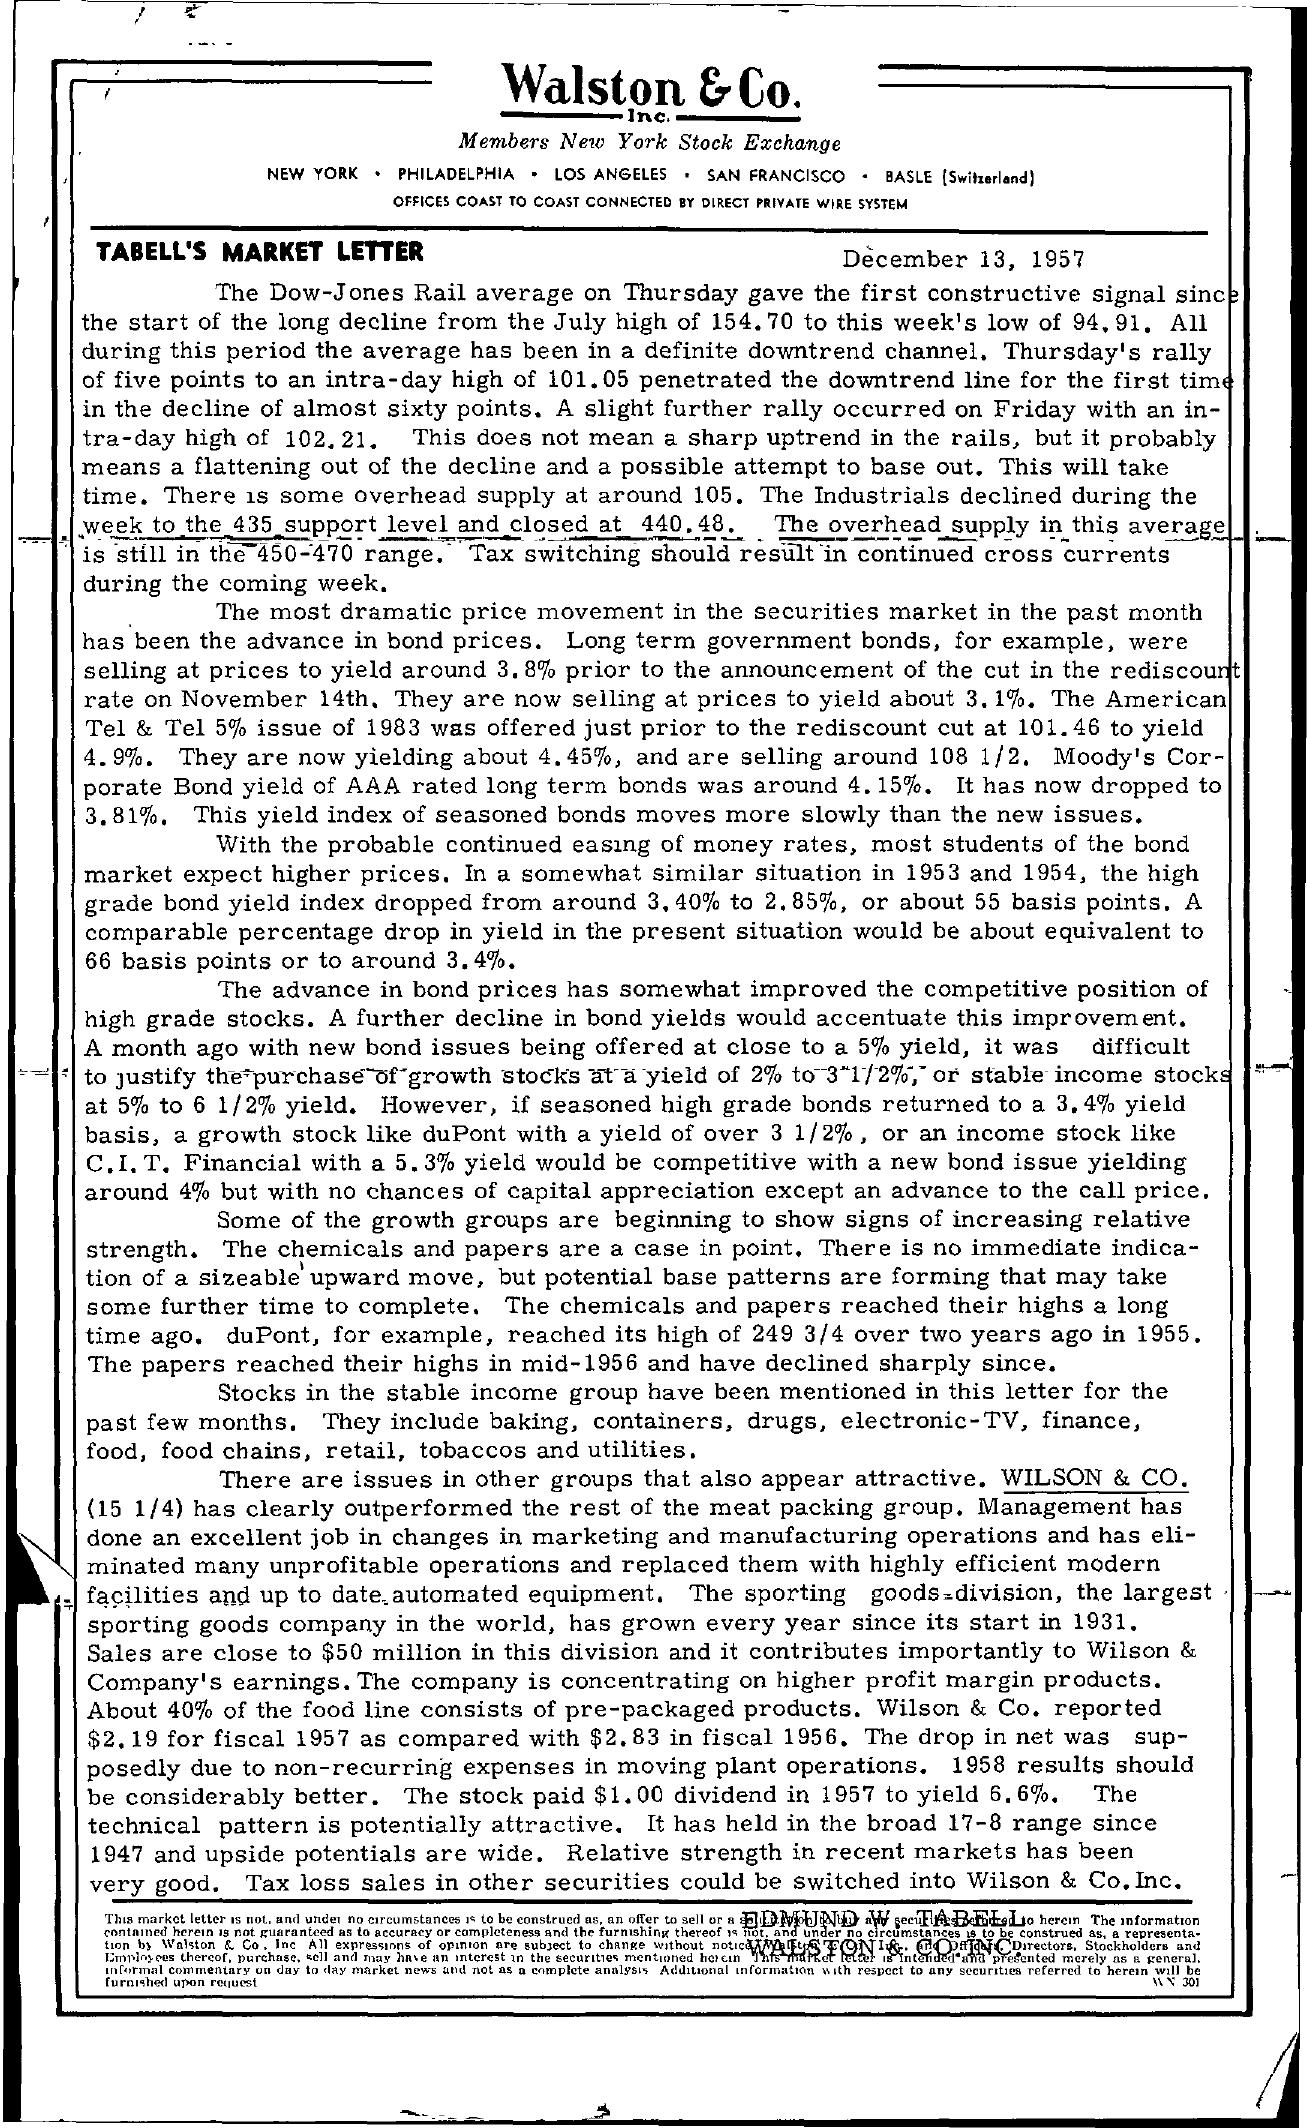 Tabell's Market Letter - December 13, 1957